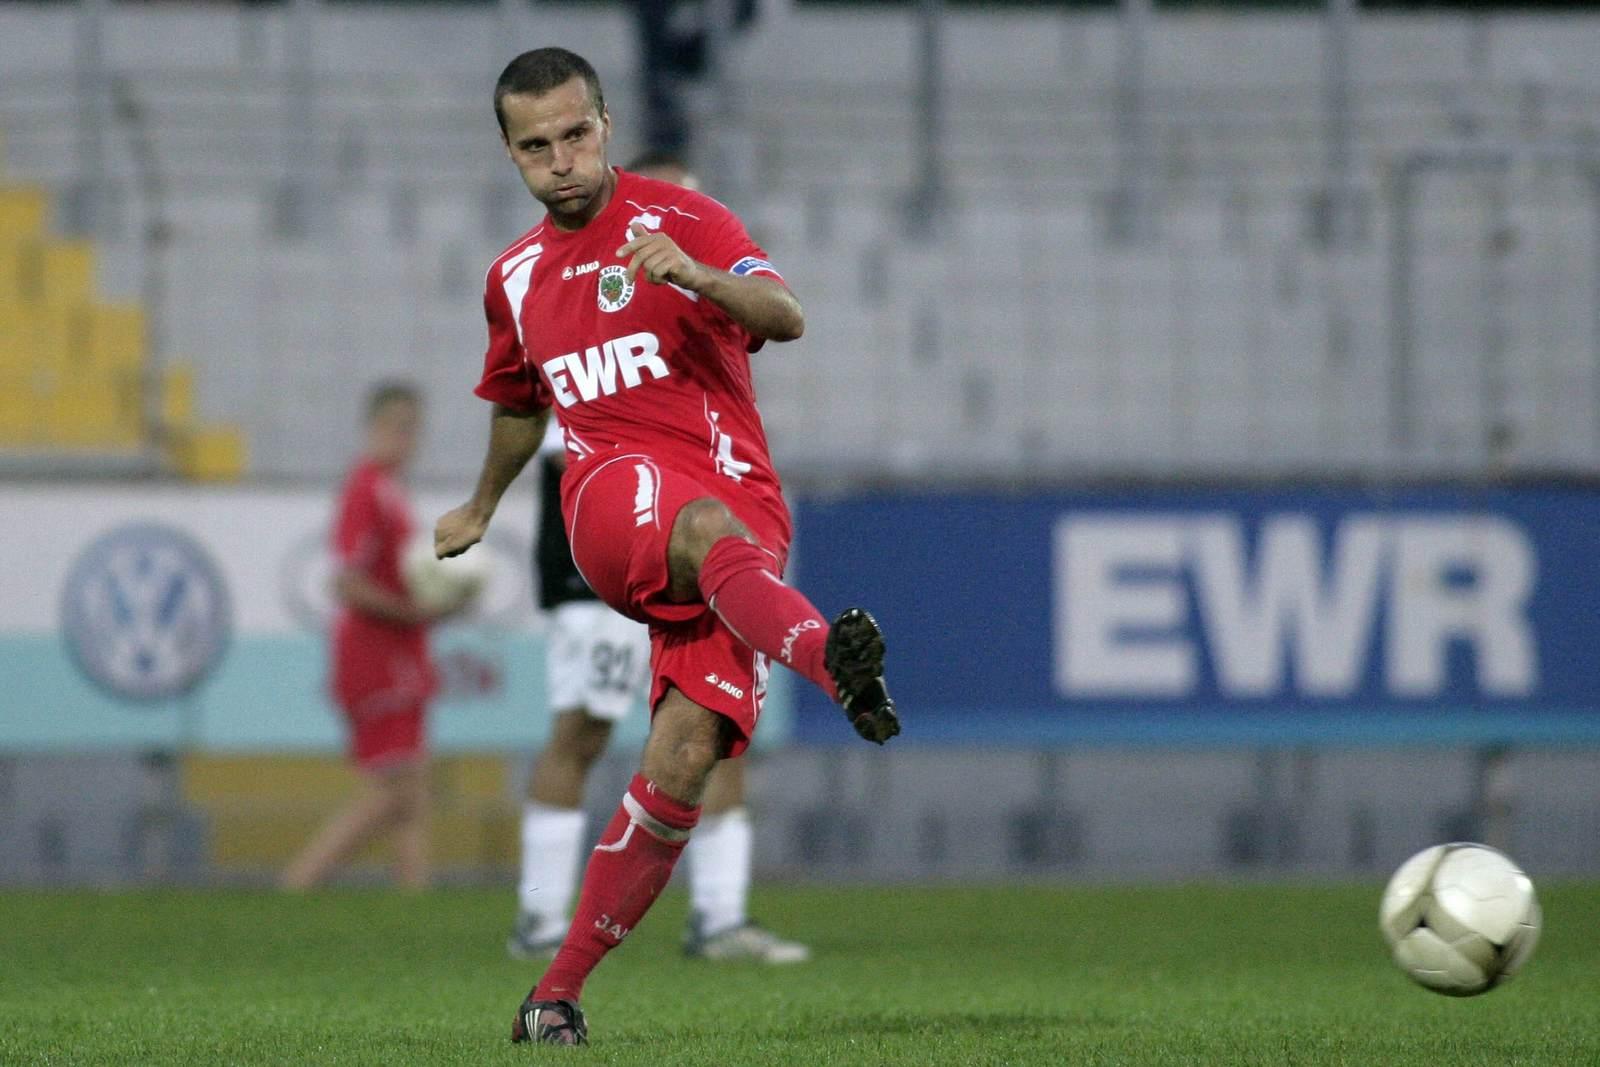 Marcel Gebhardt passt den Ball